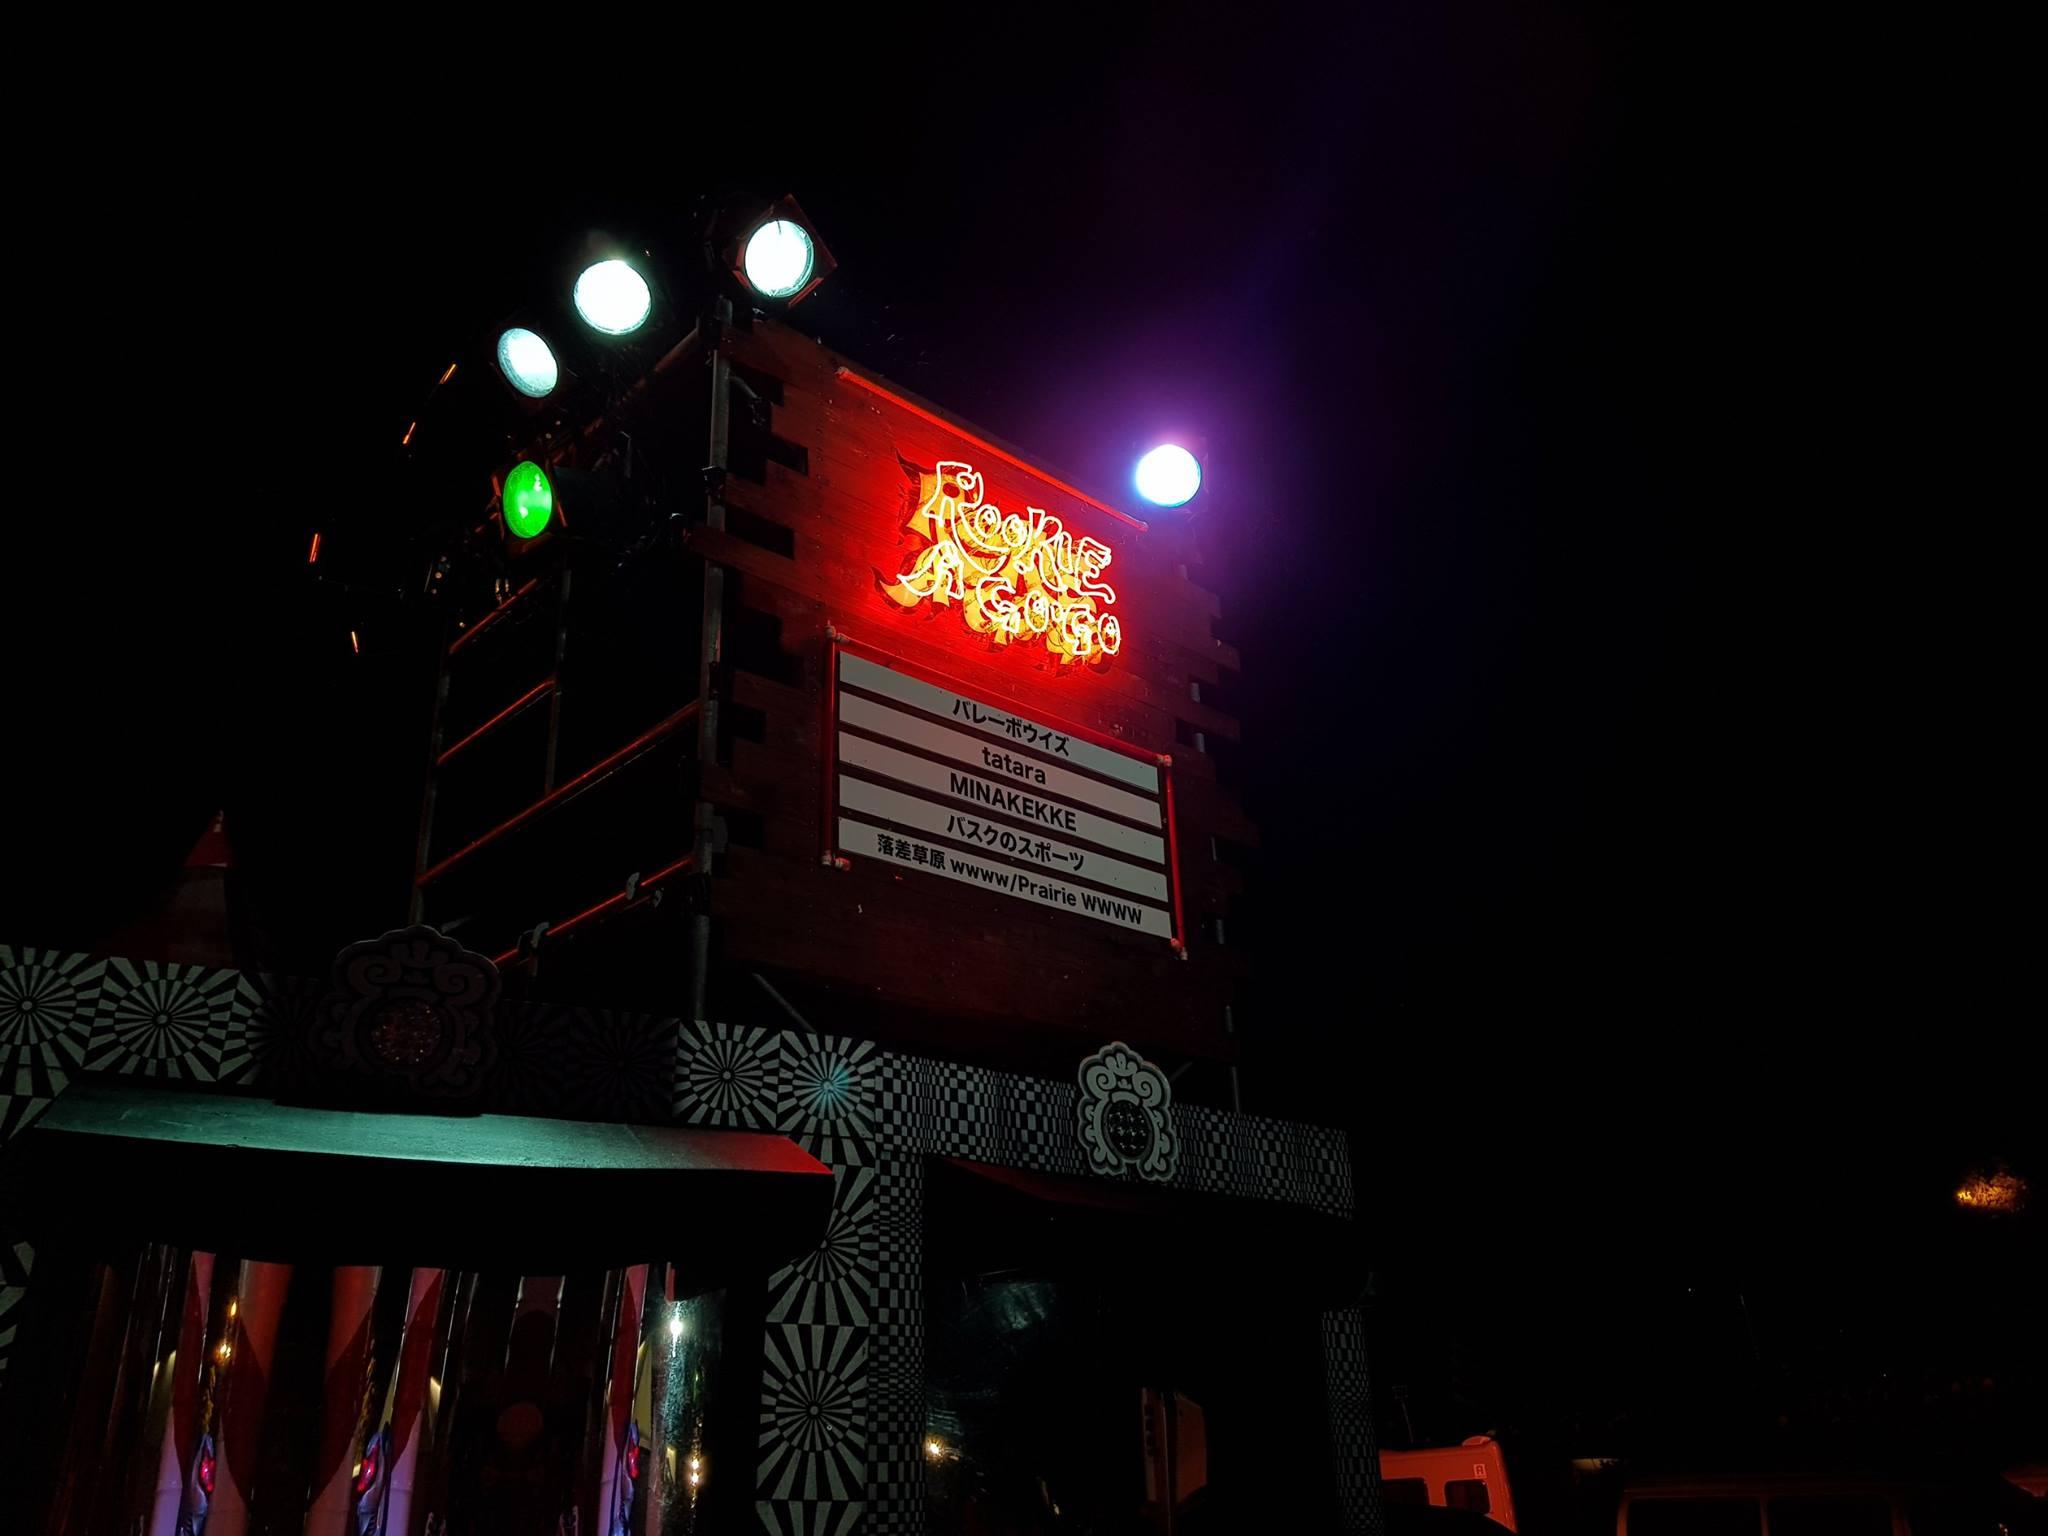 Rockie A Gogo 舞台入口,高處的看板會寫著今晚表演的徵選團五組。落差草原 WWWW 在最底下,為當日壓軸。